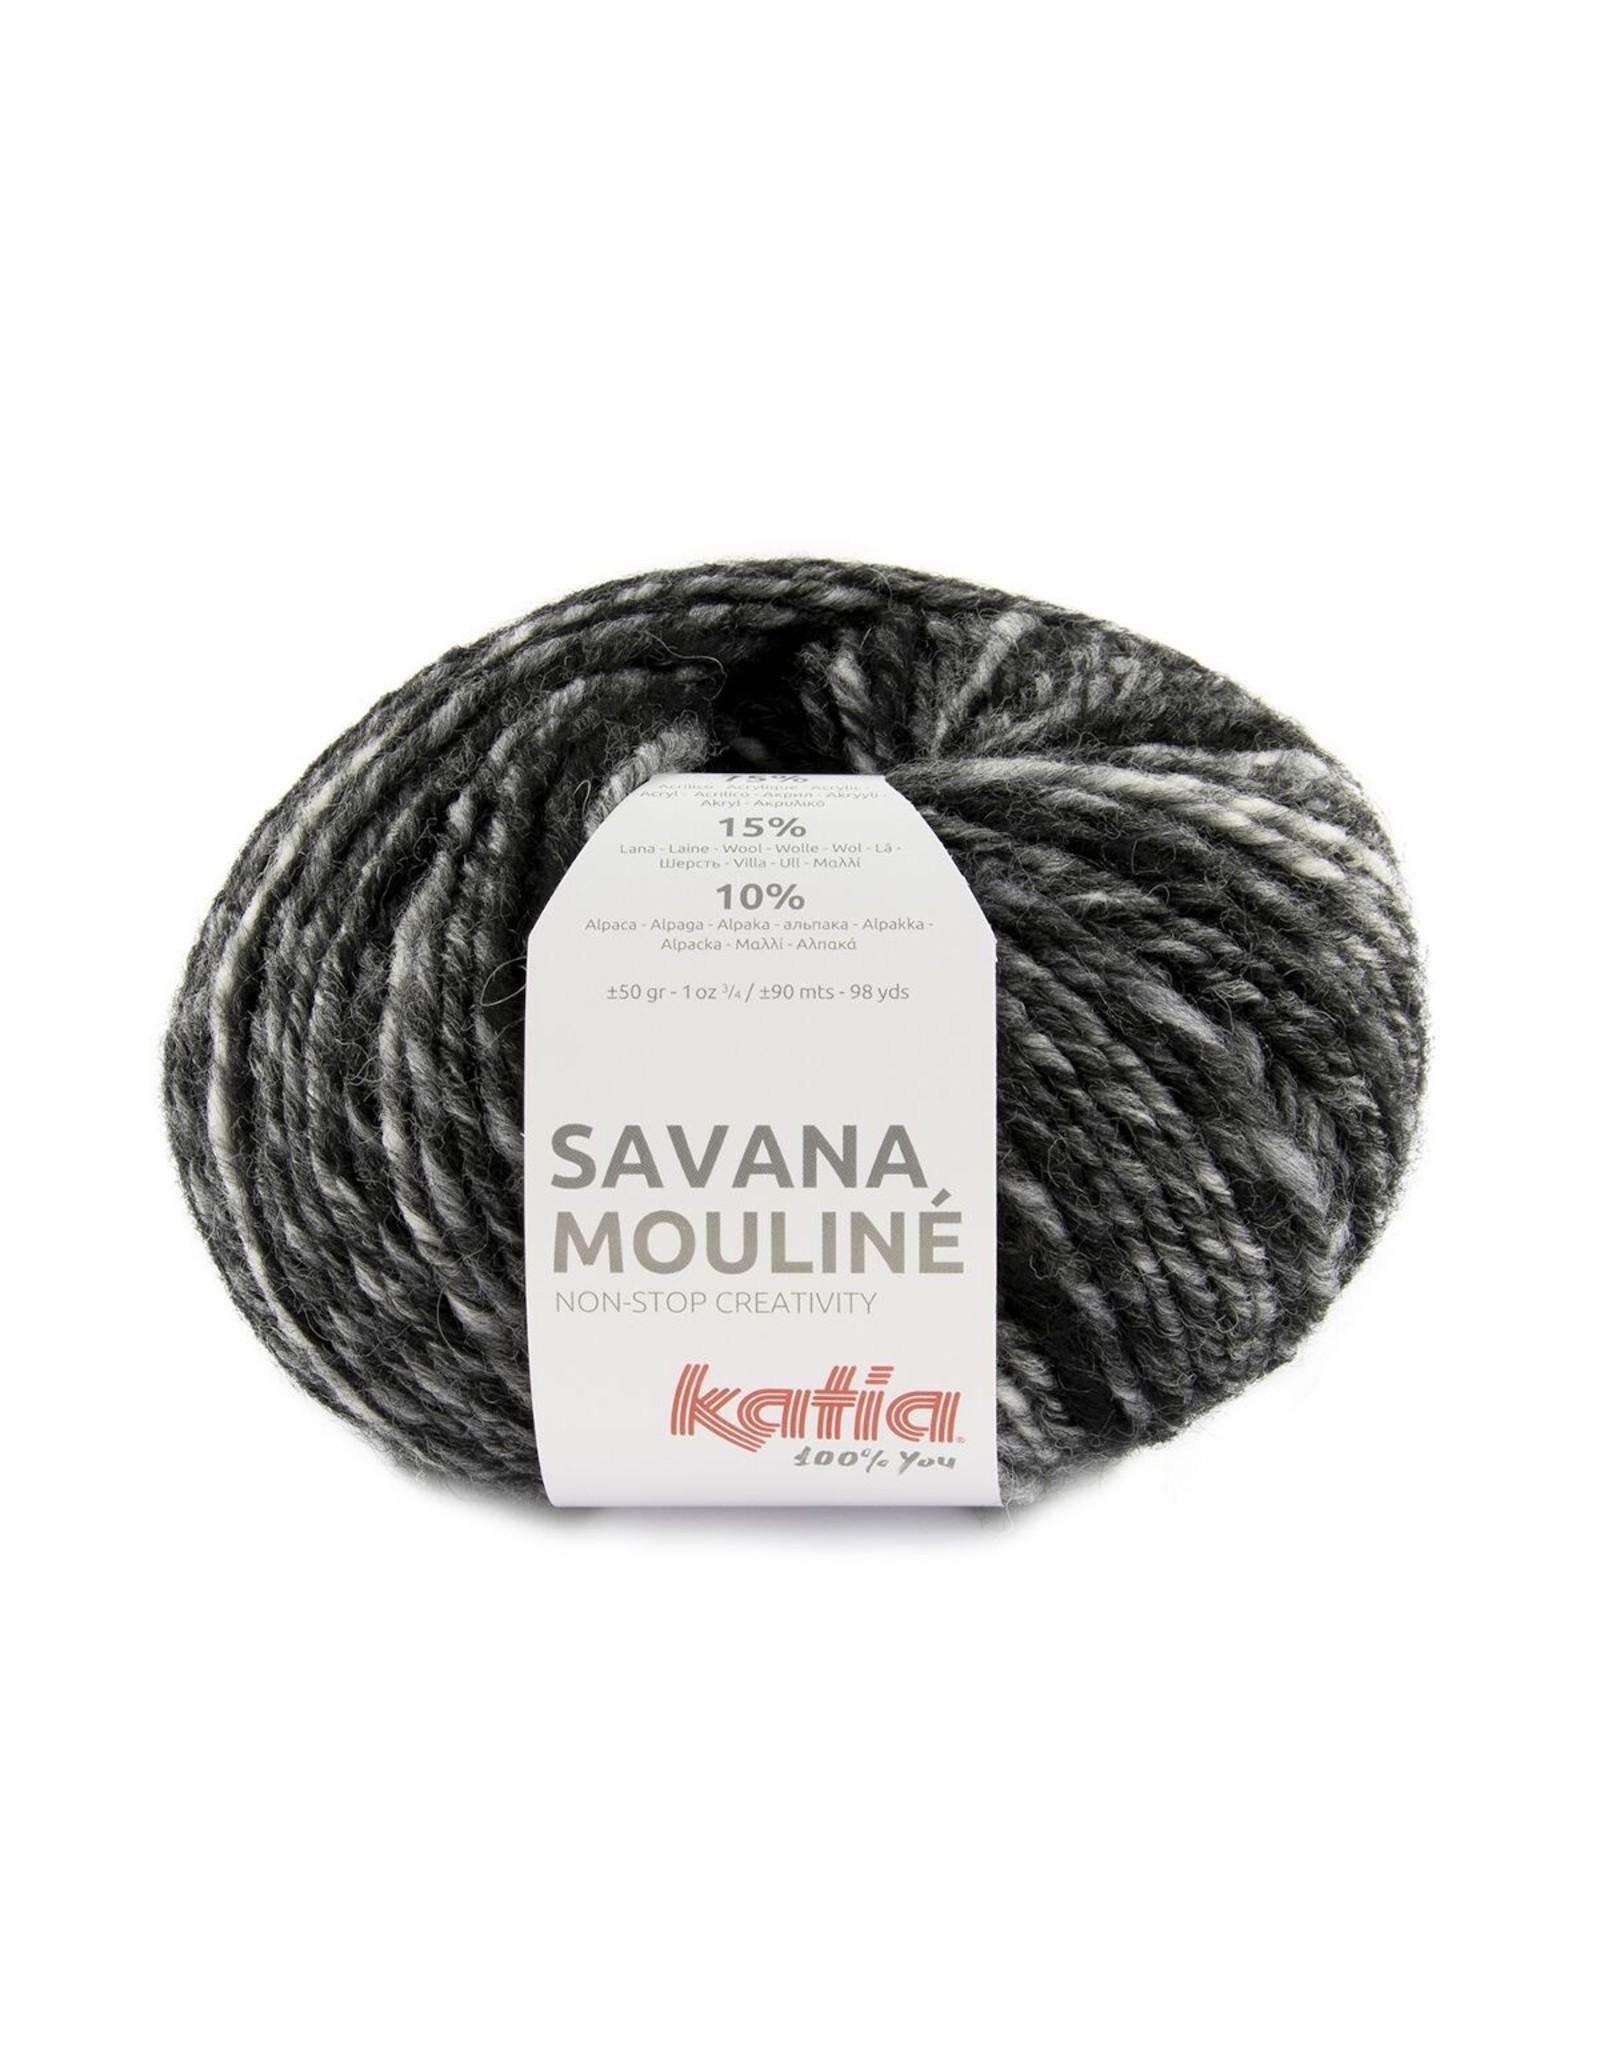 Katia Katia Savana Mouliné